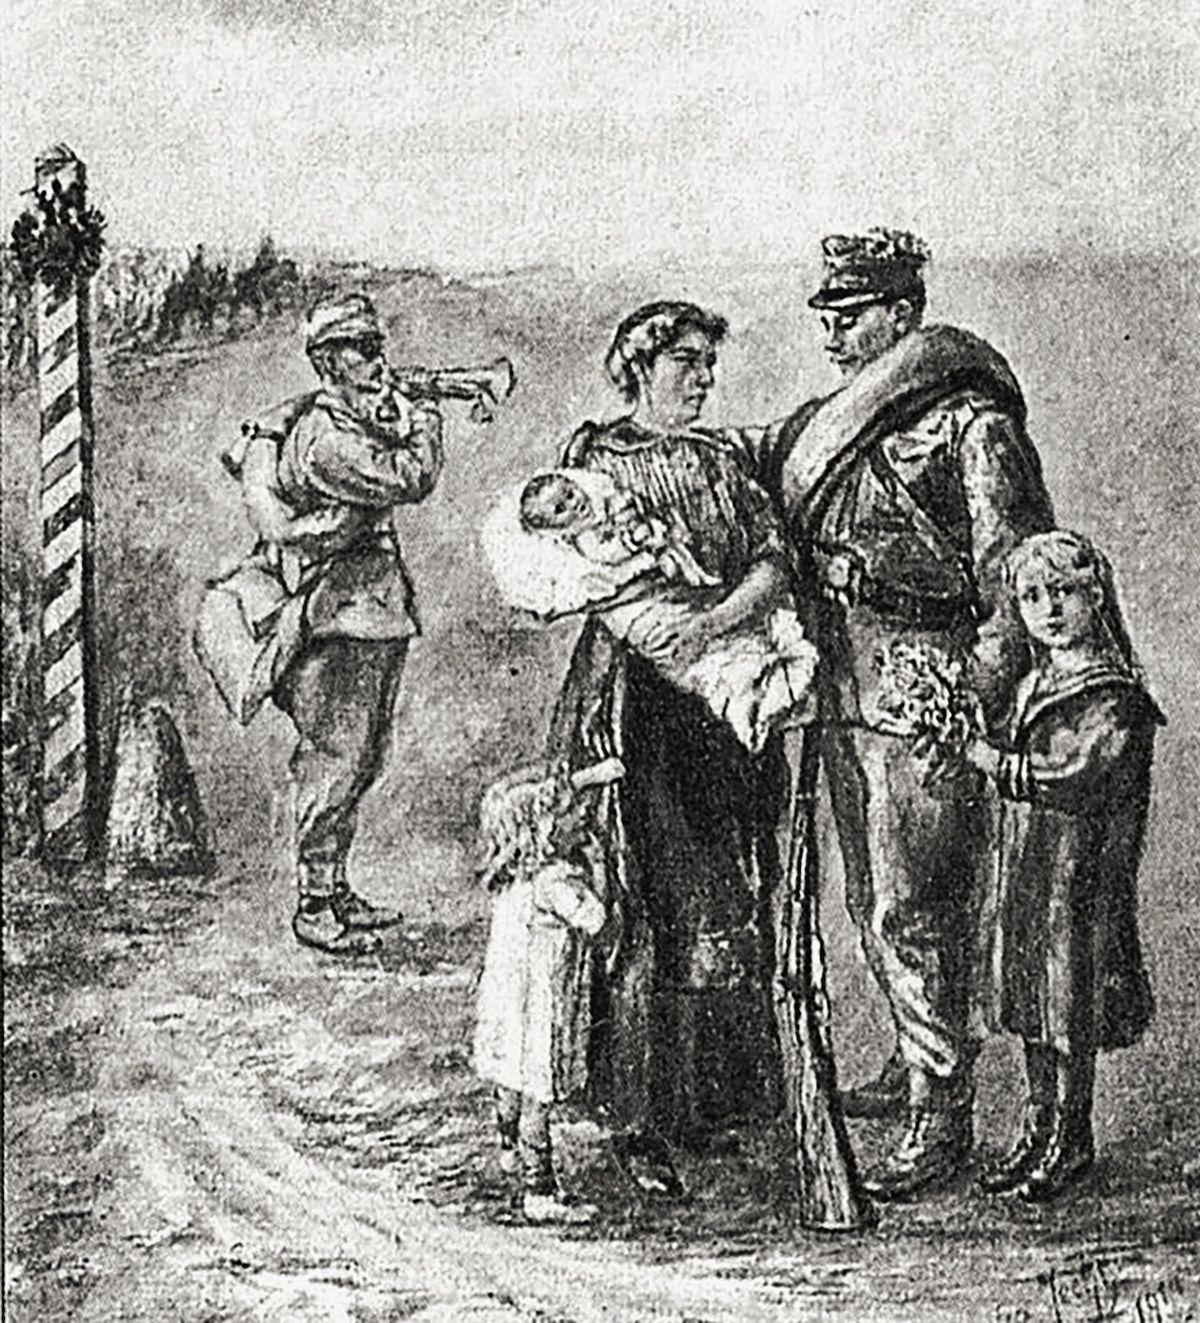 Válka začala pro vojáky rozloučením s rodinou.